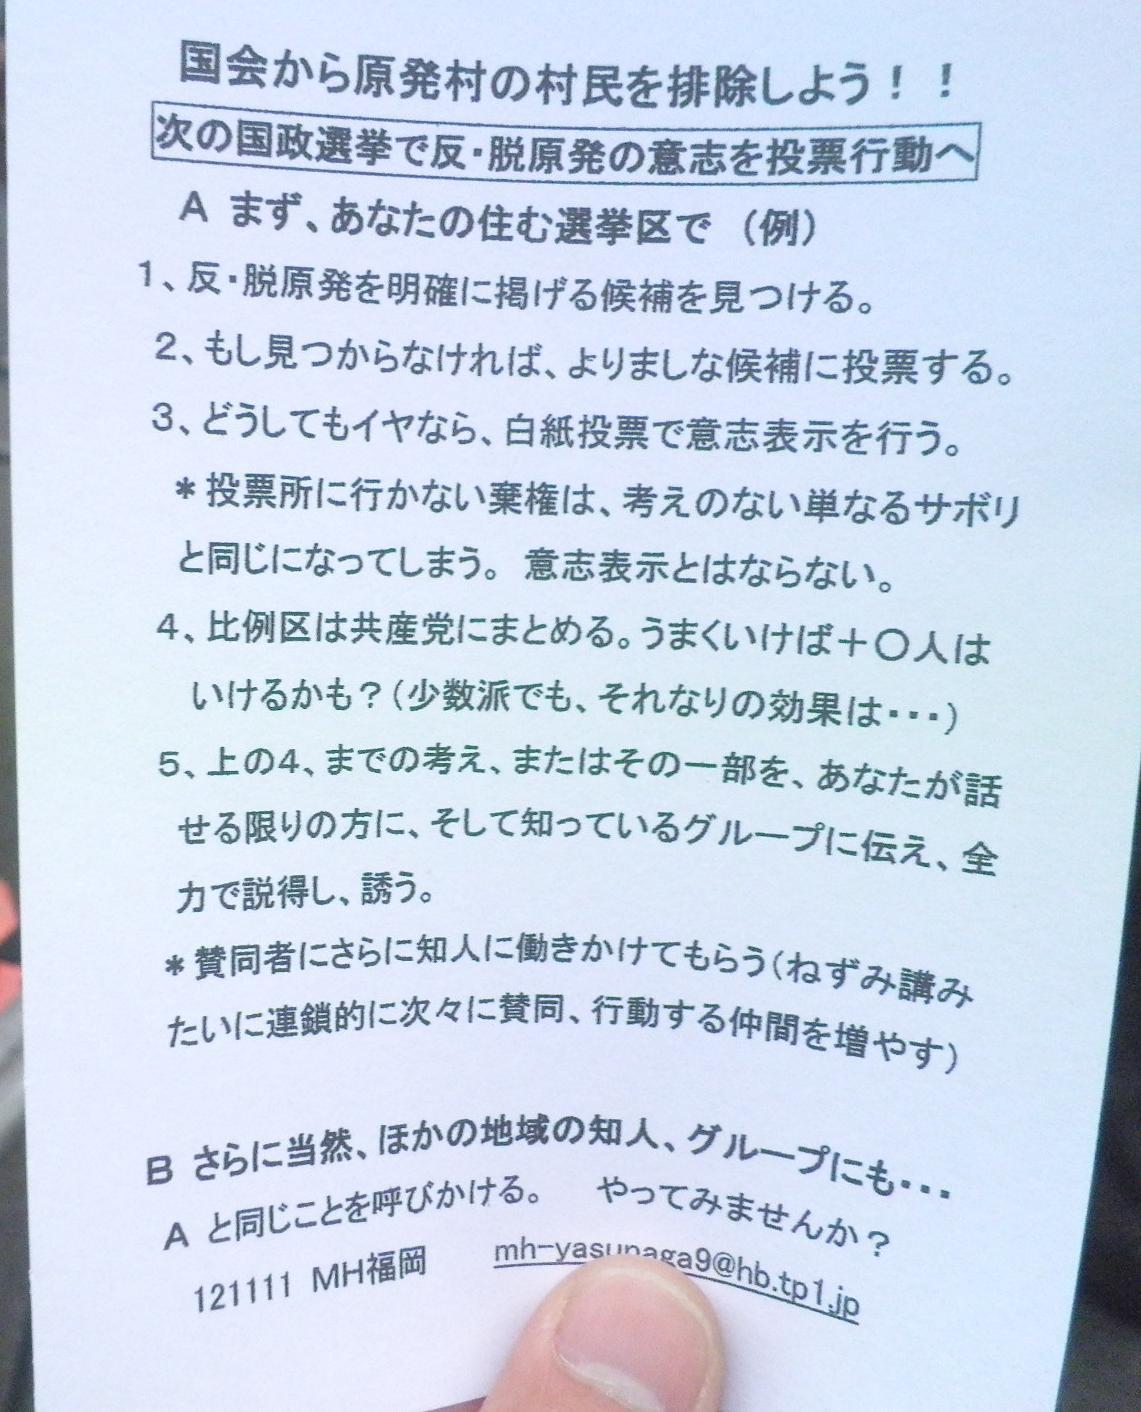 http://yamadakohei.jp/blog_upfile/%E5%8F%8D%E5%8E%9F%E7%99%BA%E5%85%B1%E7%94%A3%E5%85%9A%E5%BF%9C%E6%8F%B4%E3%83%93%E3%83%A9.JPG